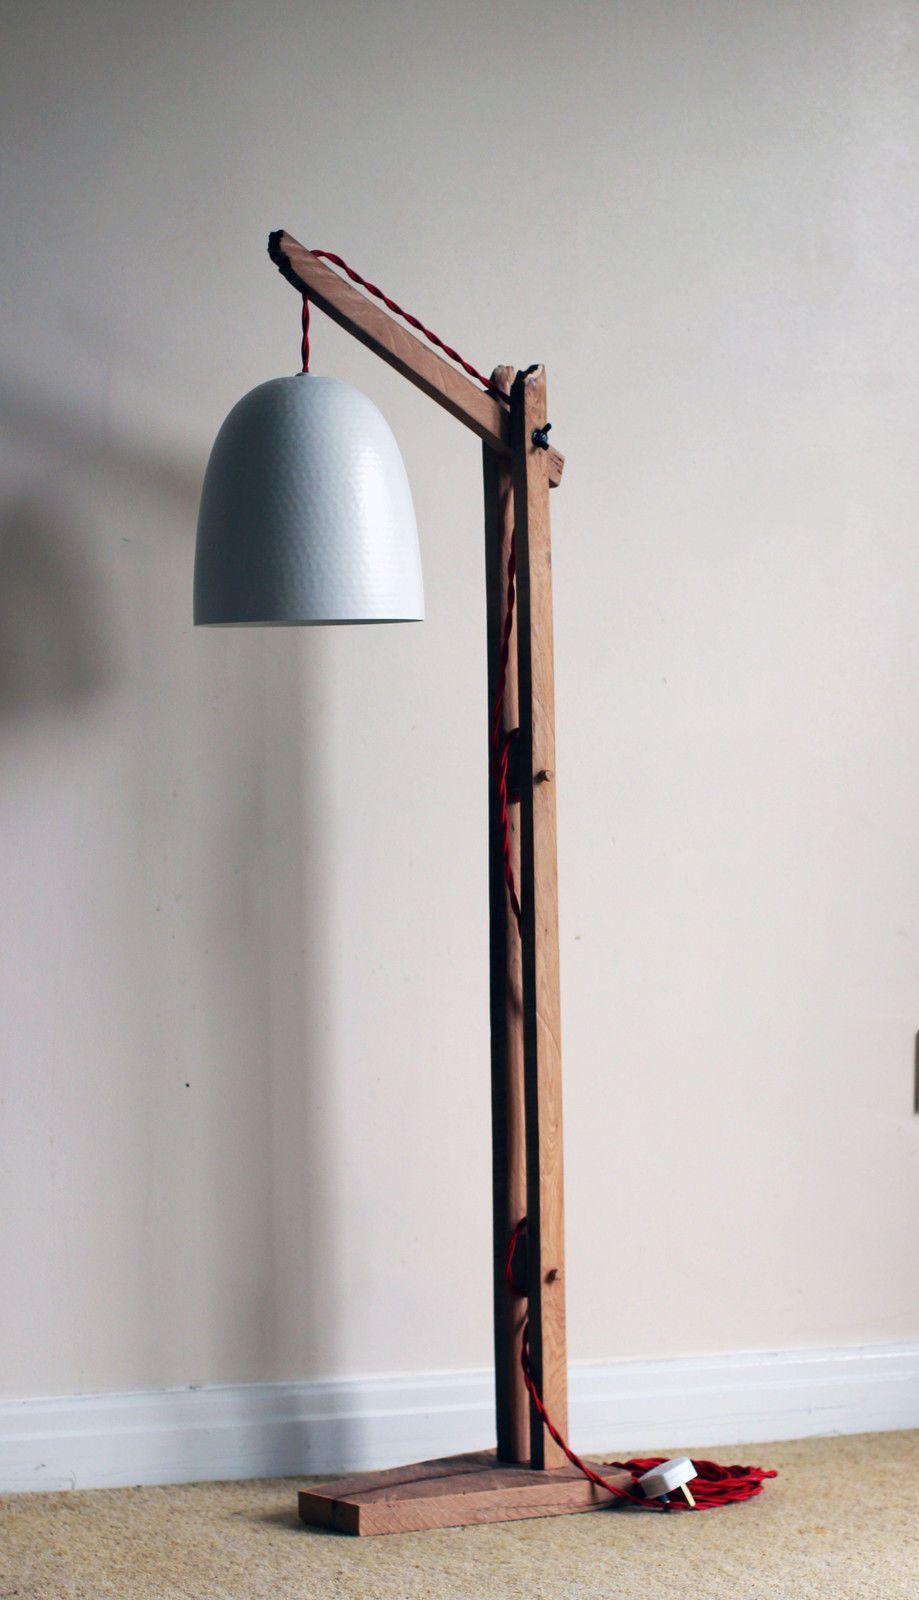 Vintage wooden stand lamp,Floor lamp standing